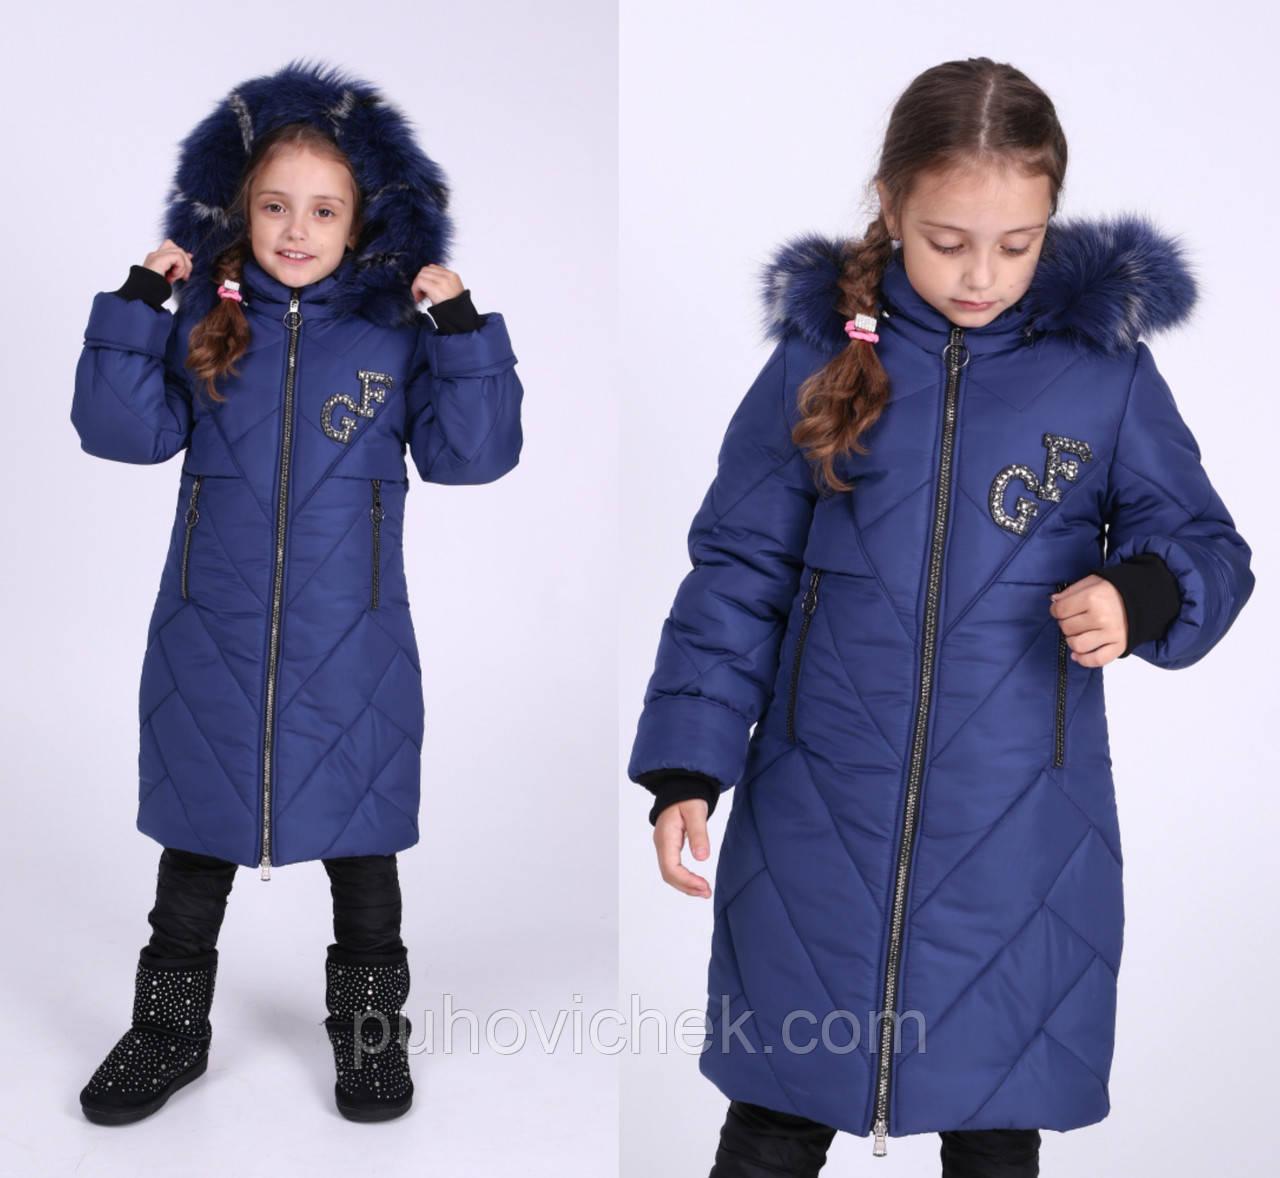 Детские зимние куртки и пальто для девочек с мехом на капюшоне